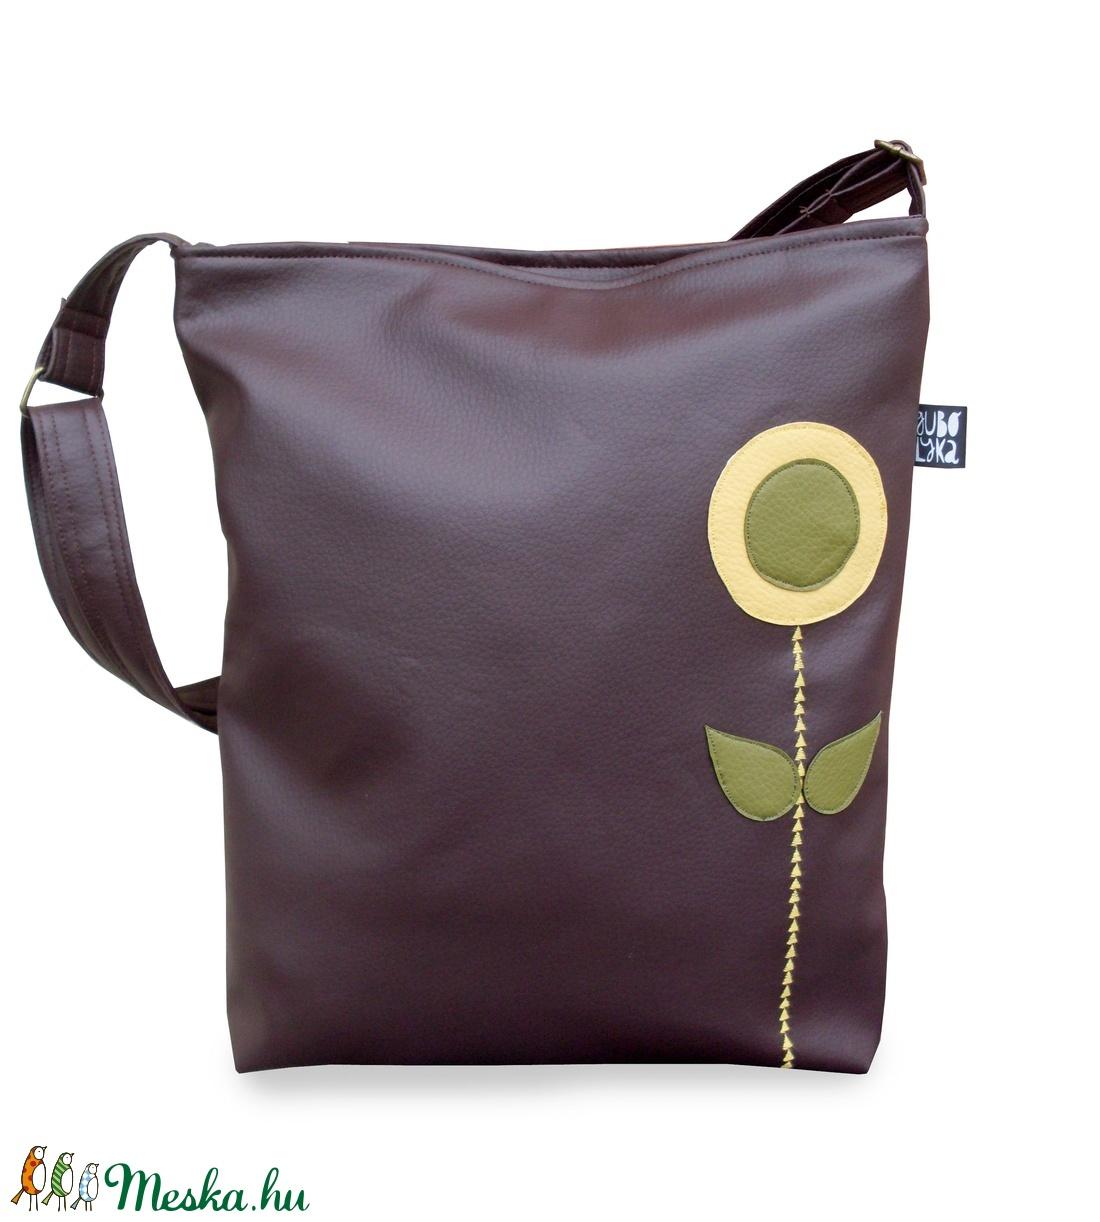 Virágos táska (gubolyka) - Meska.hu